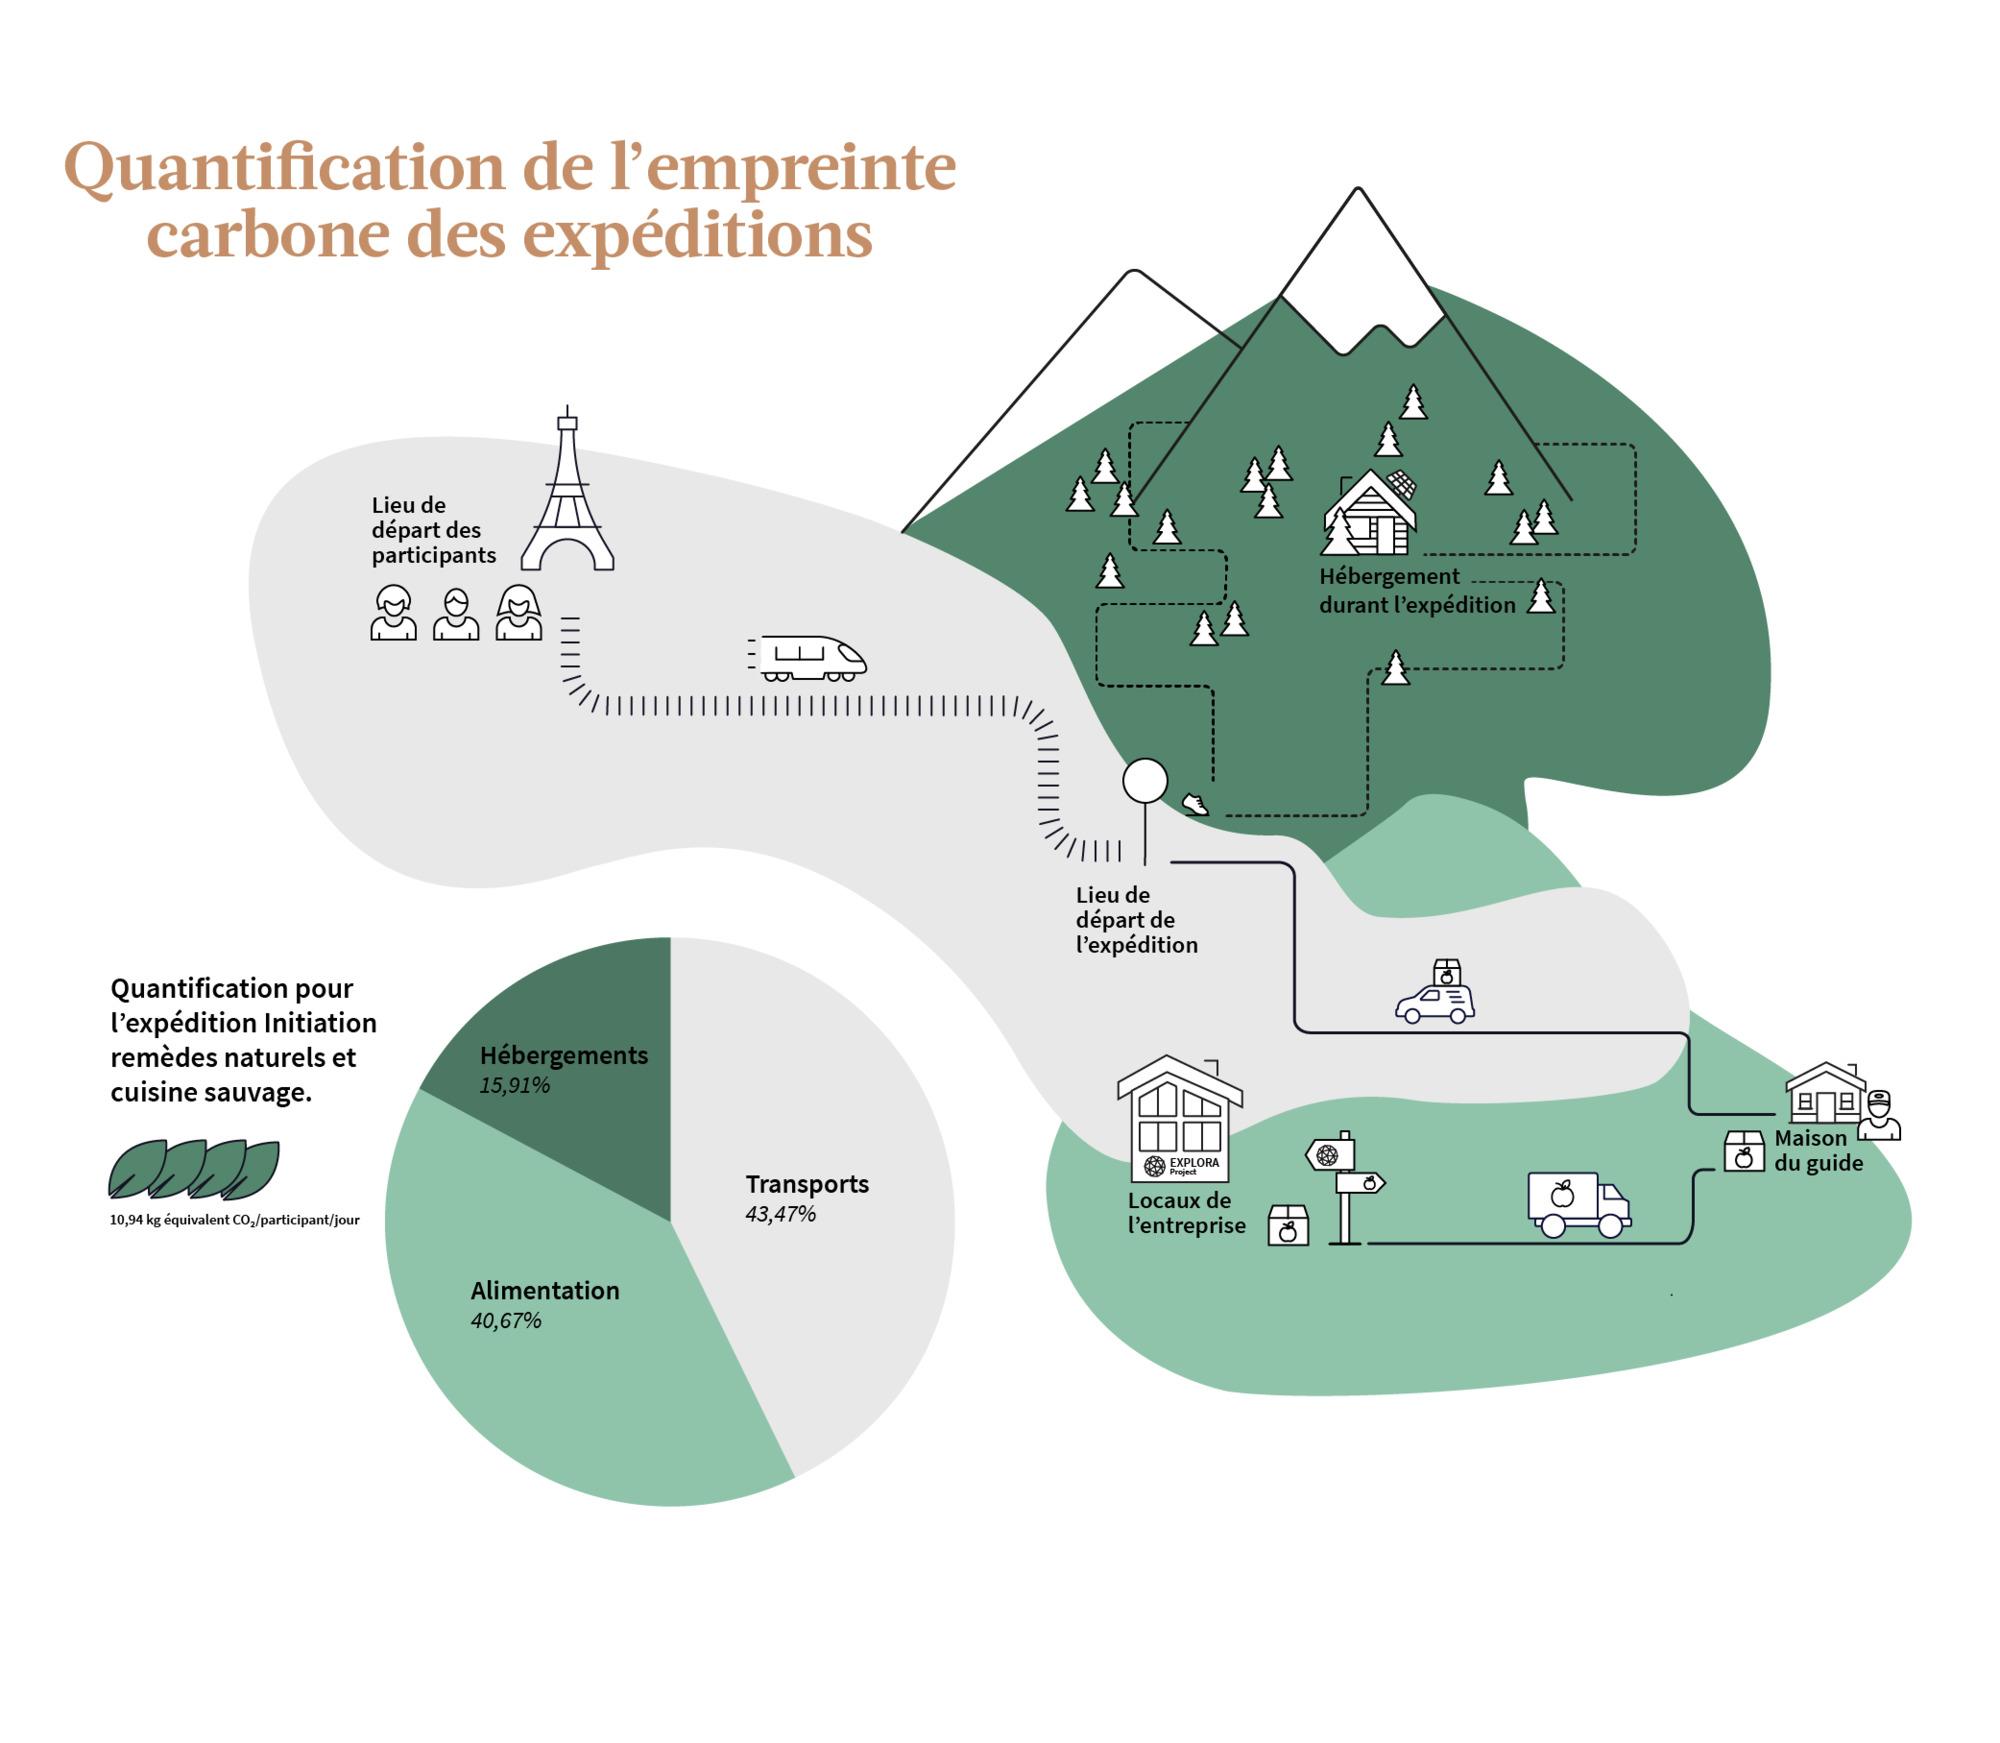 Empreinte carbone et classification des expéditions, tout ce qu'il faut savoir !